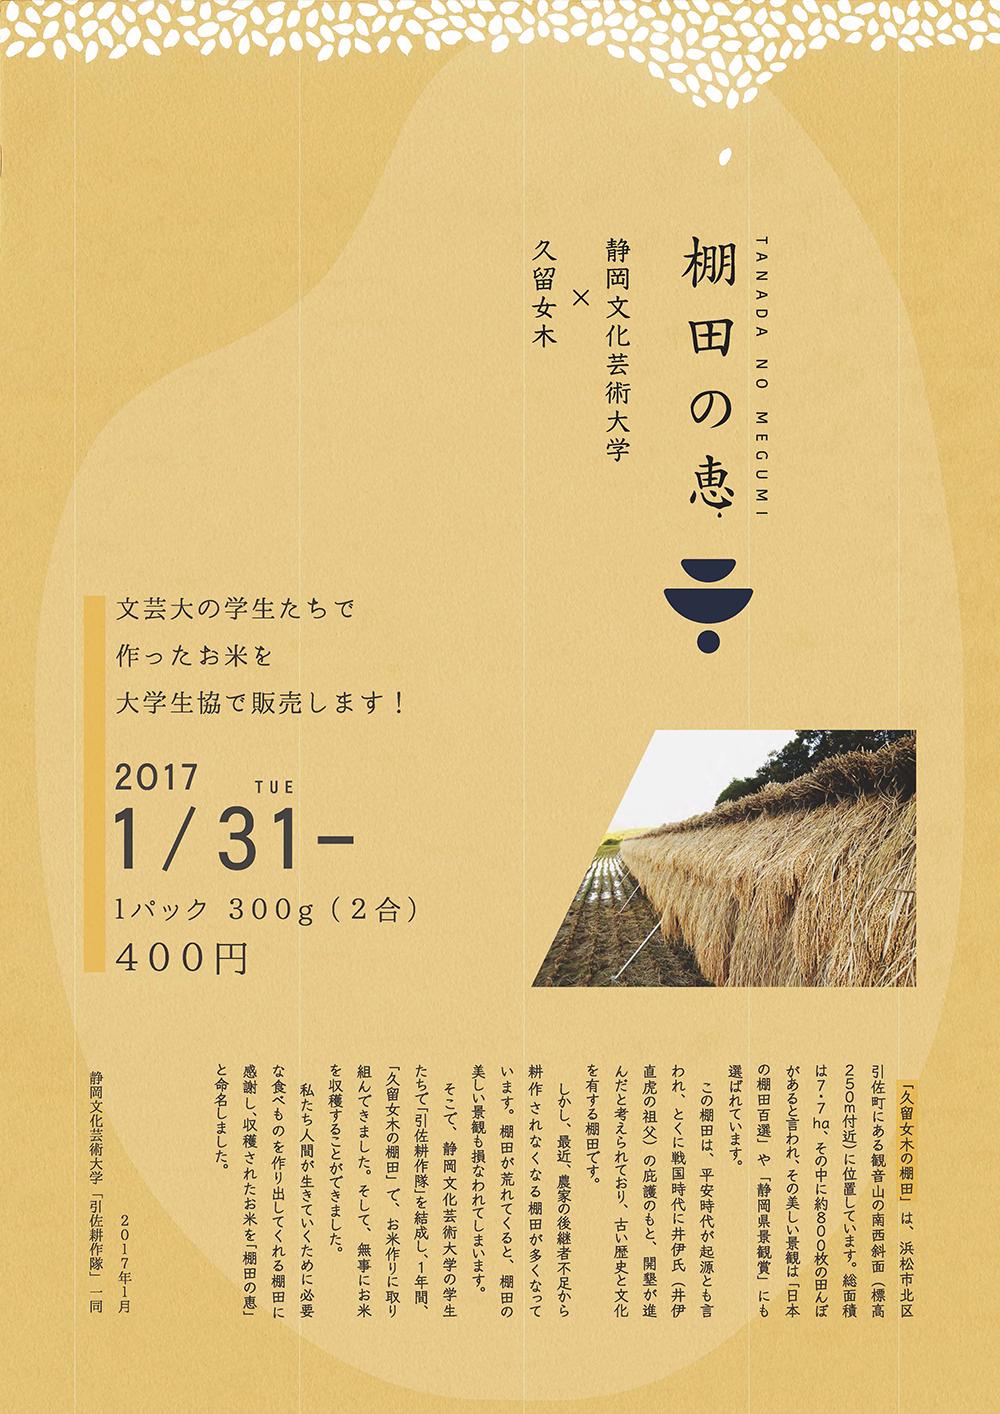 静岡文化芸術大学の学生たちで作ったお米を大学生協で販売